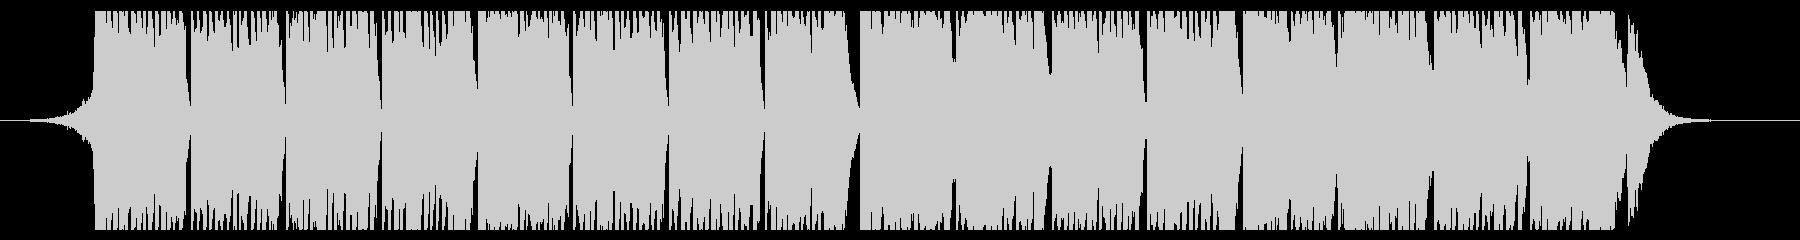 アラビア語スポーツエレクトロ(45秒)の未再生の波形